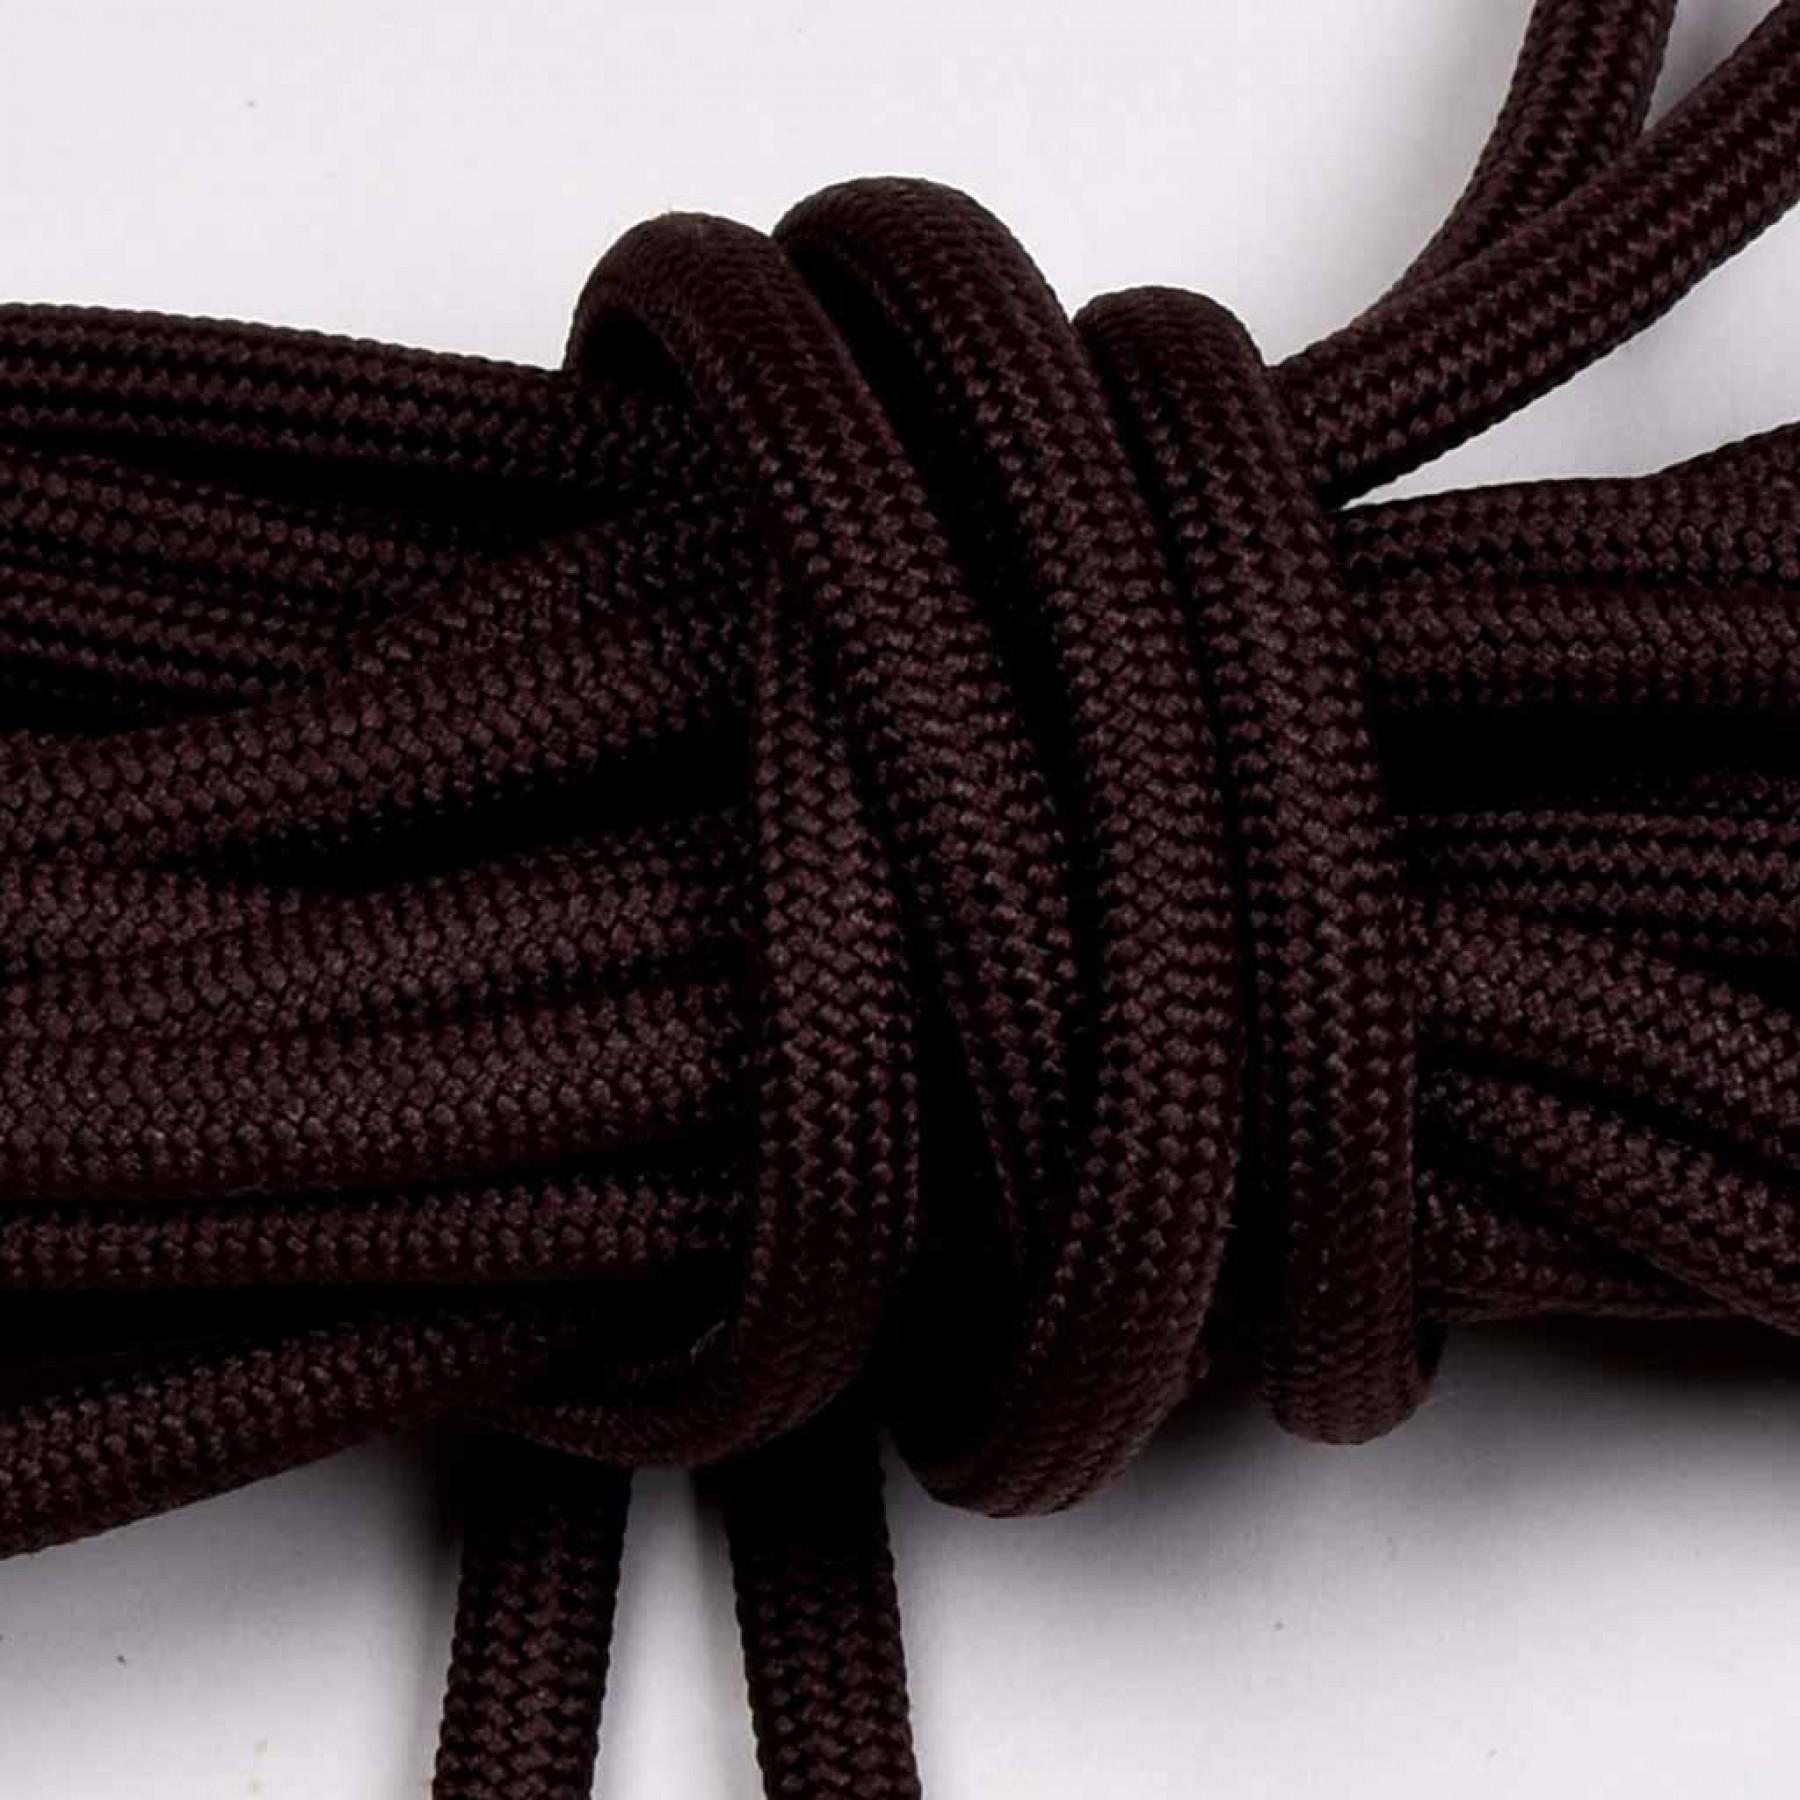 Laces for Biker Boot SE, 230cm long, brown